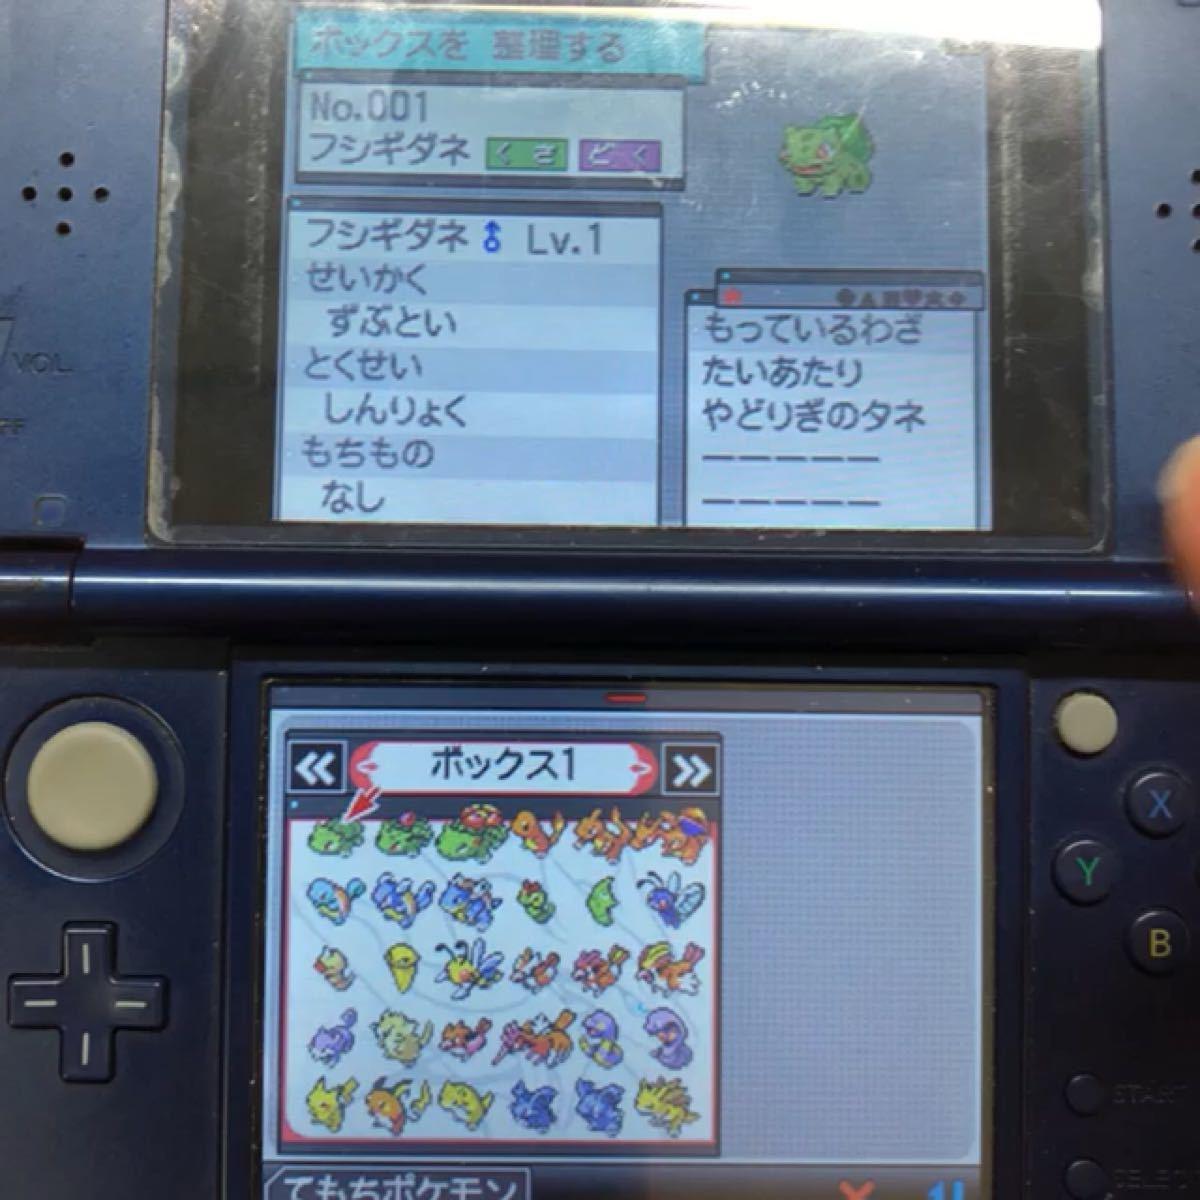 4.ポケットモンスターブラック  ポケモン図鑑コンプリート